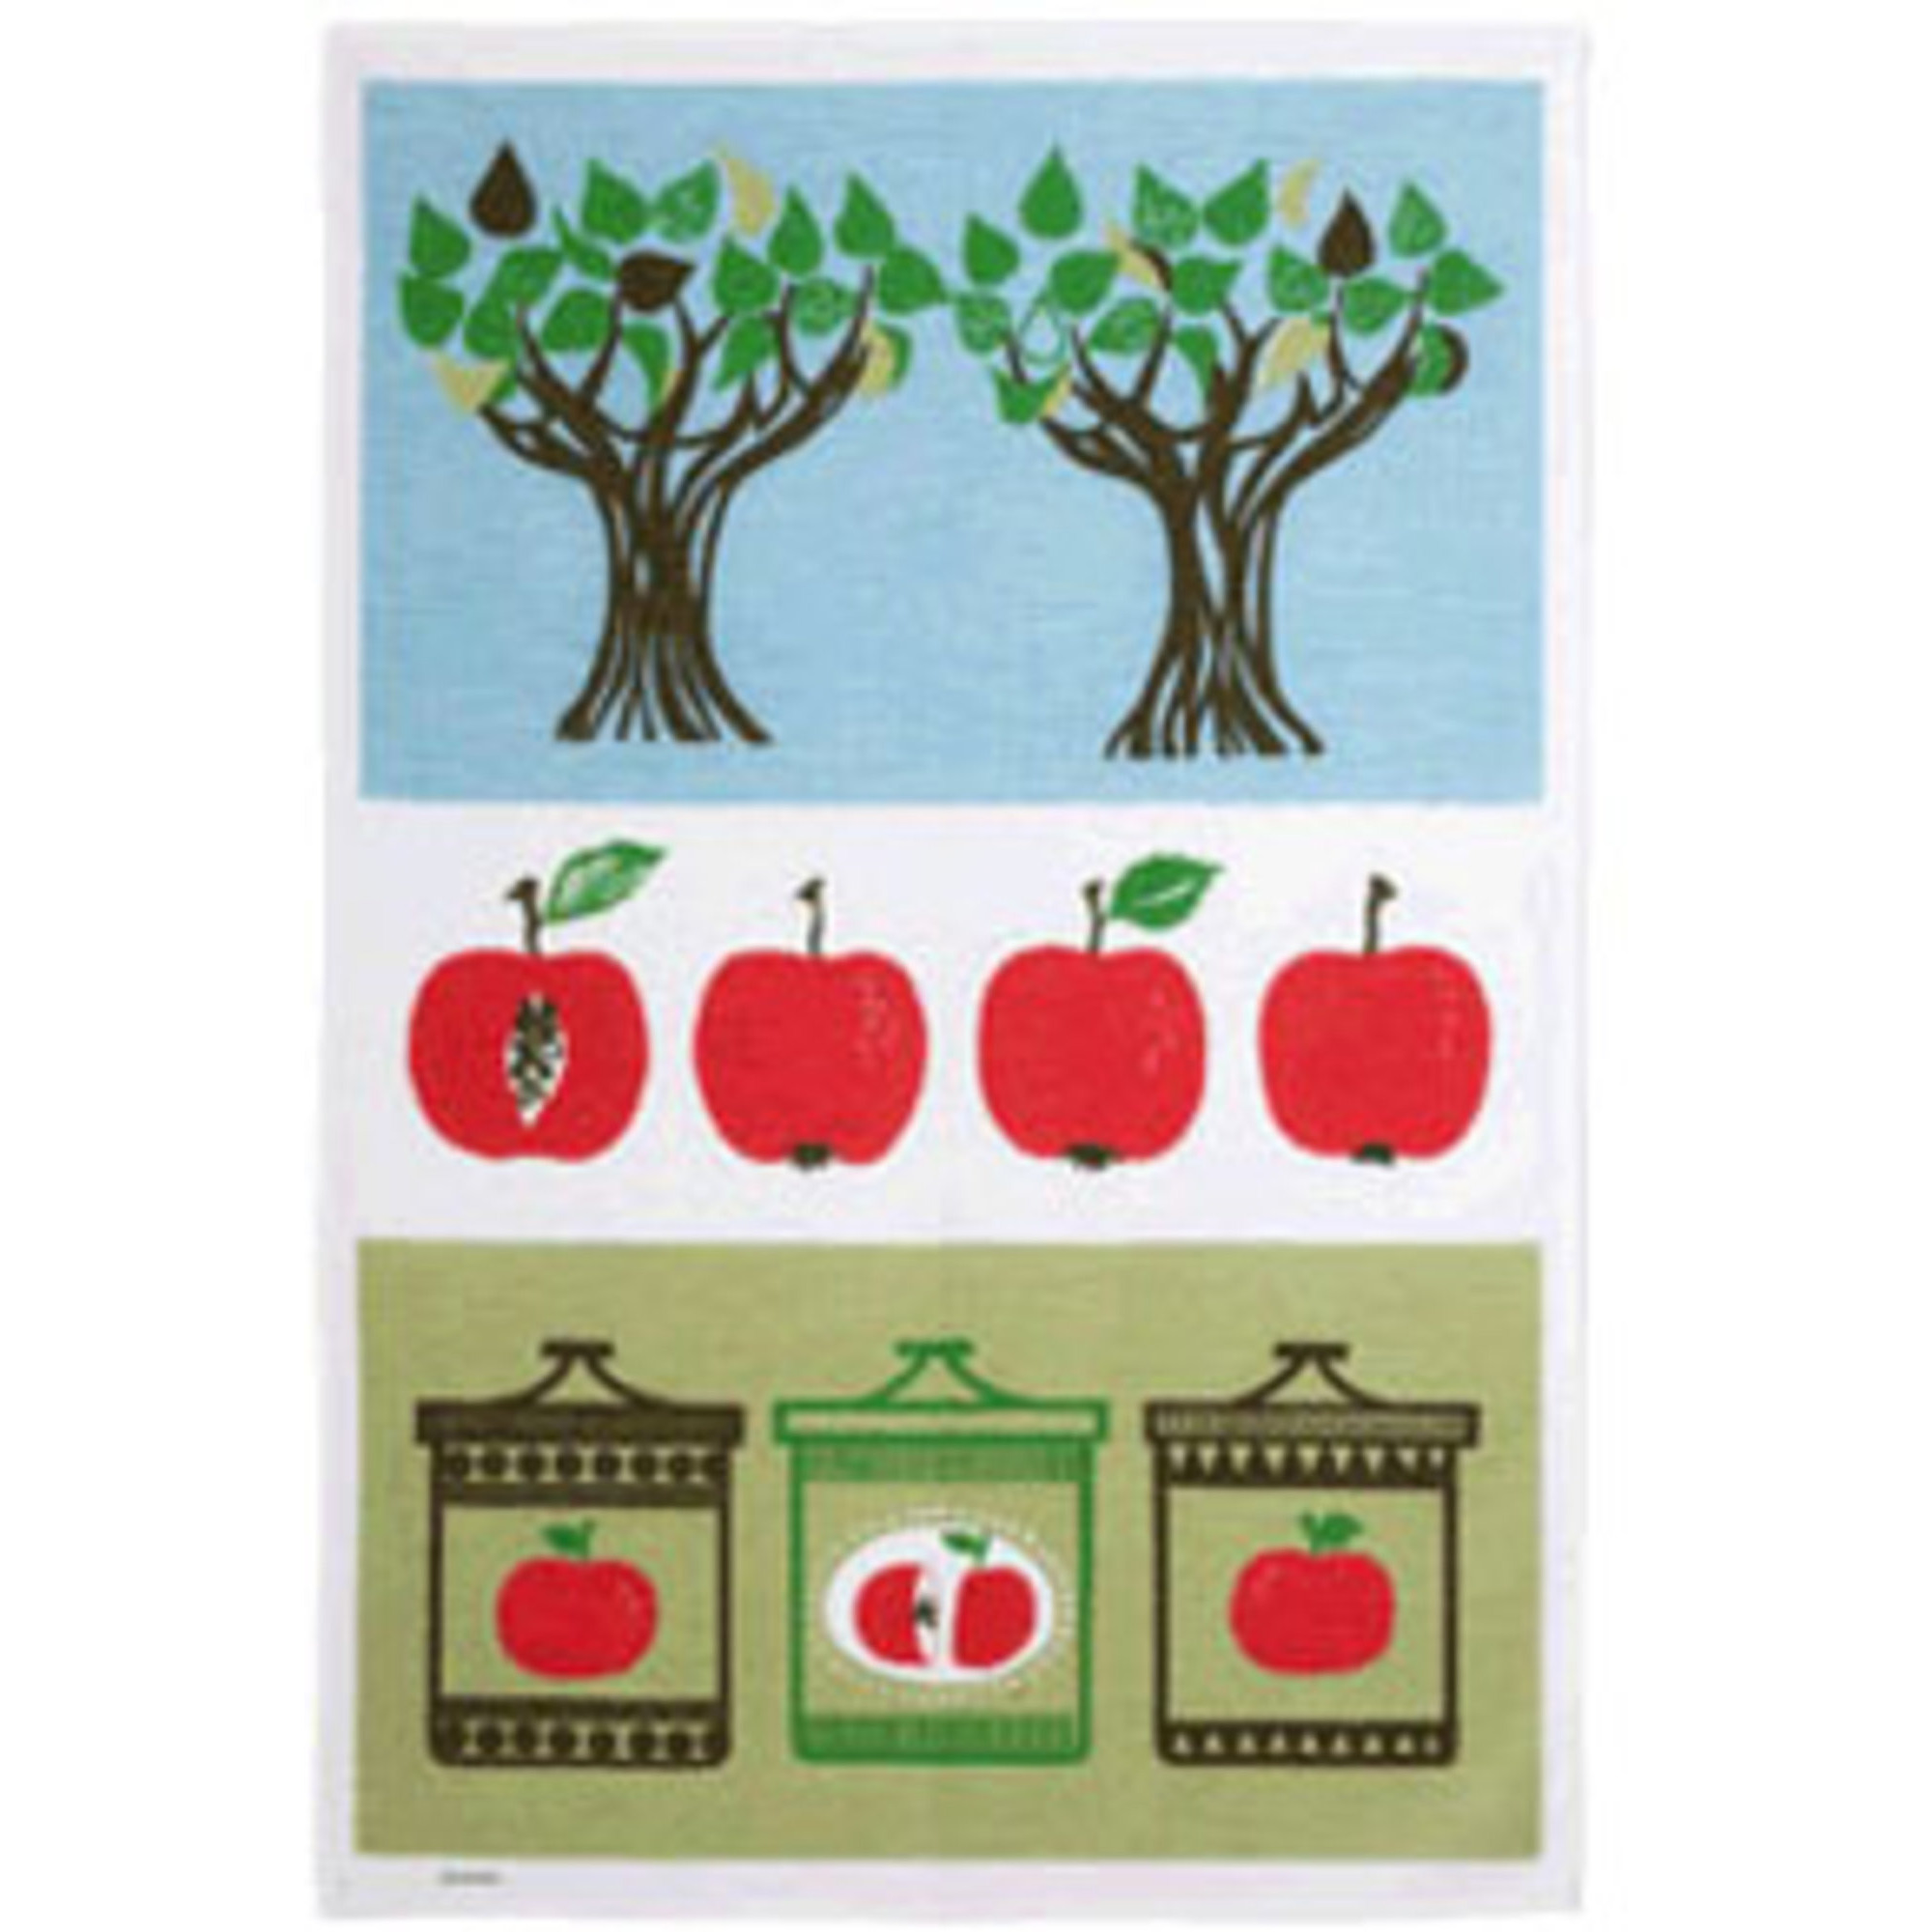 Almedahls Äppelsylt Kökshandduk Röda Äpplen